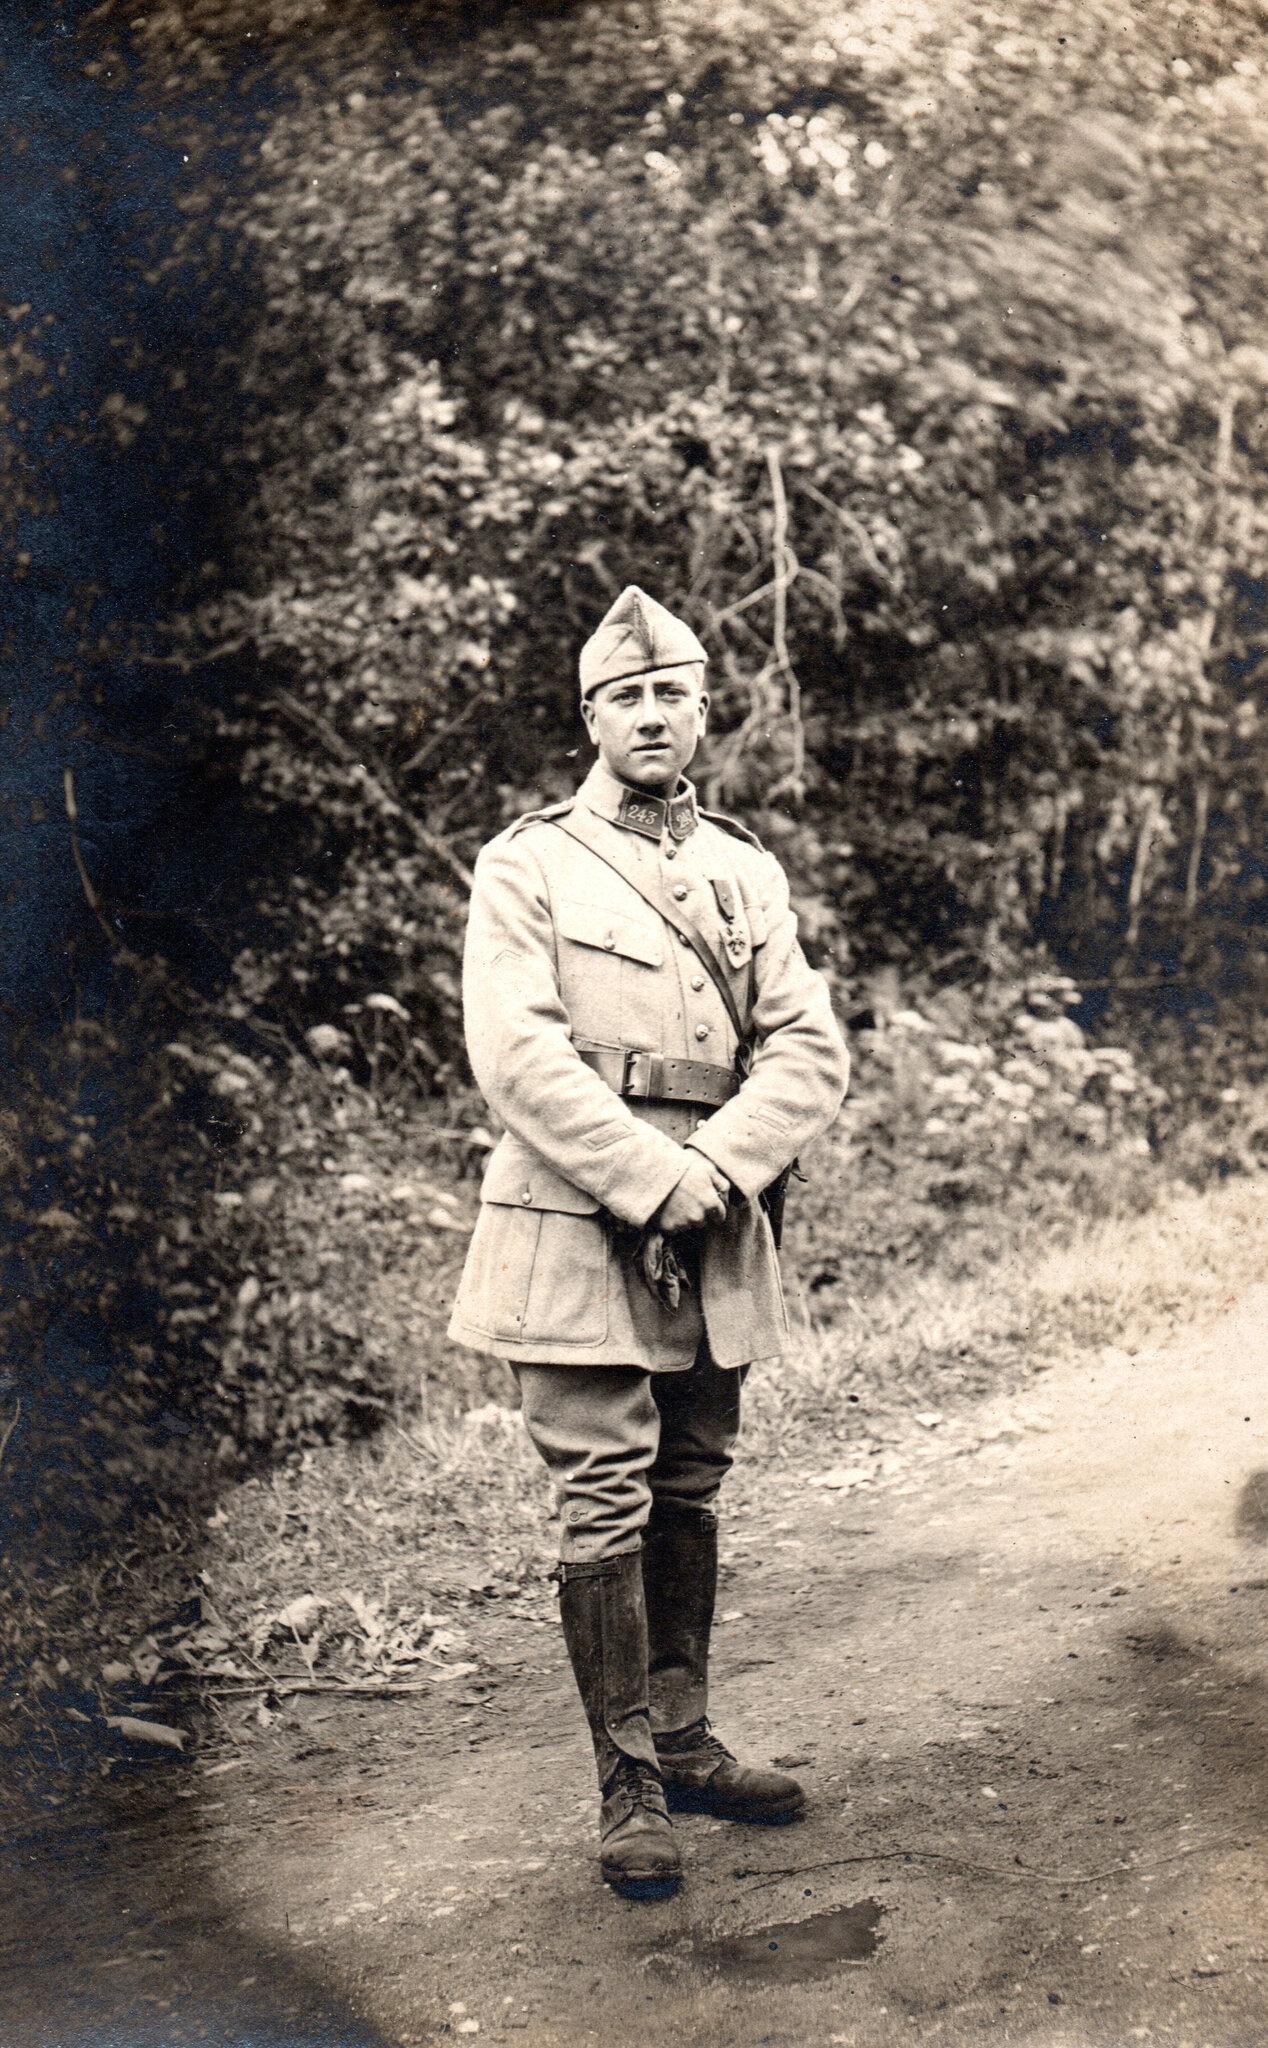 Haut-Rhin, août 1918, caporal du 243e RAC